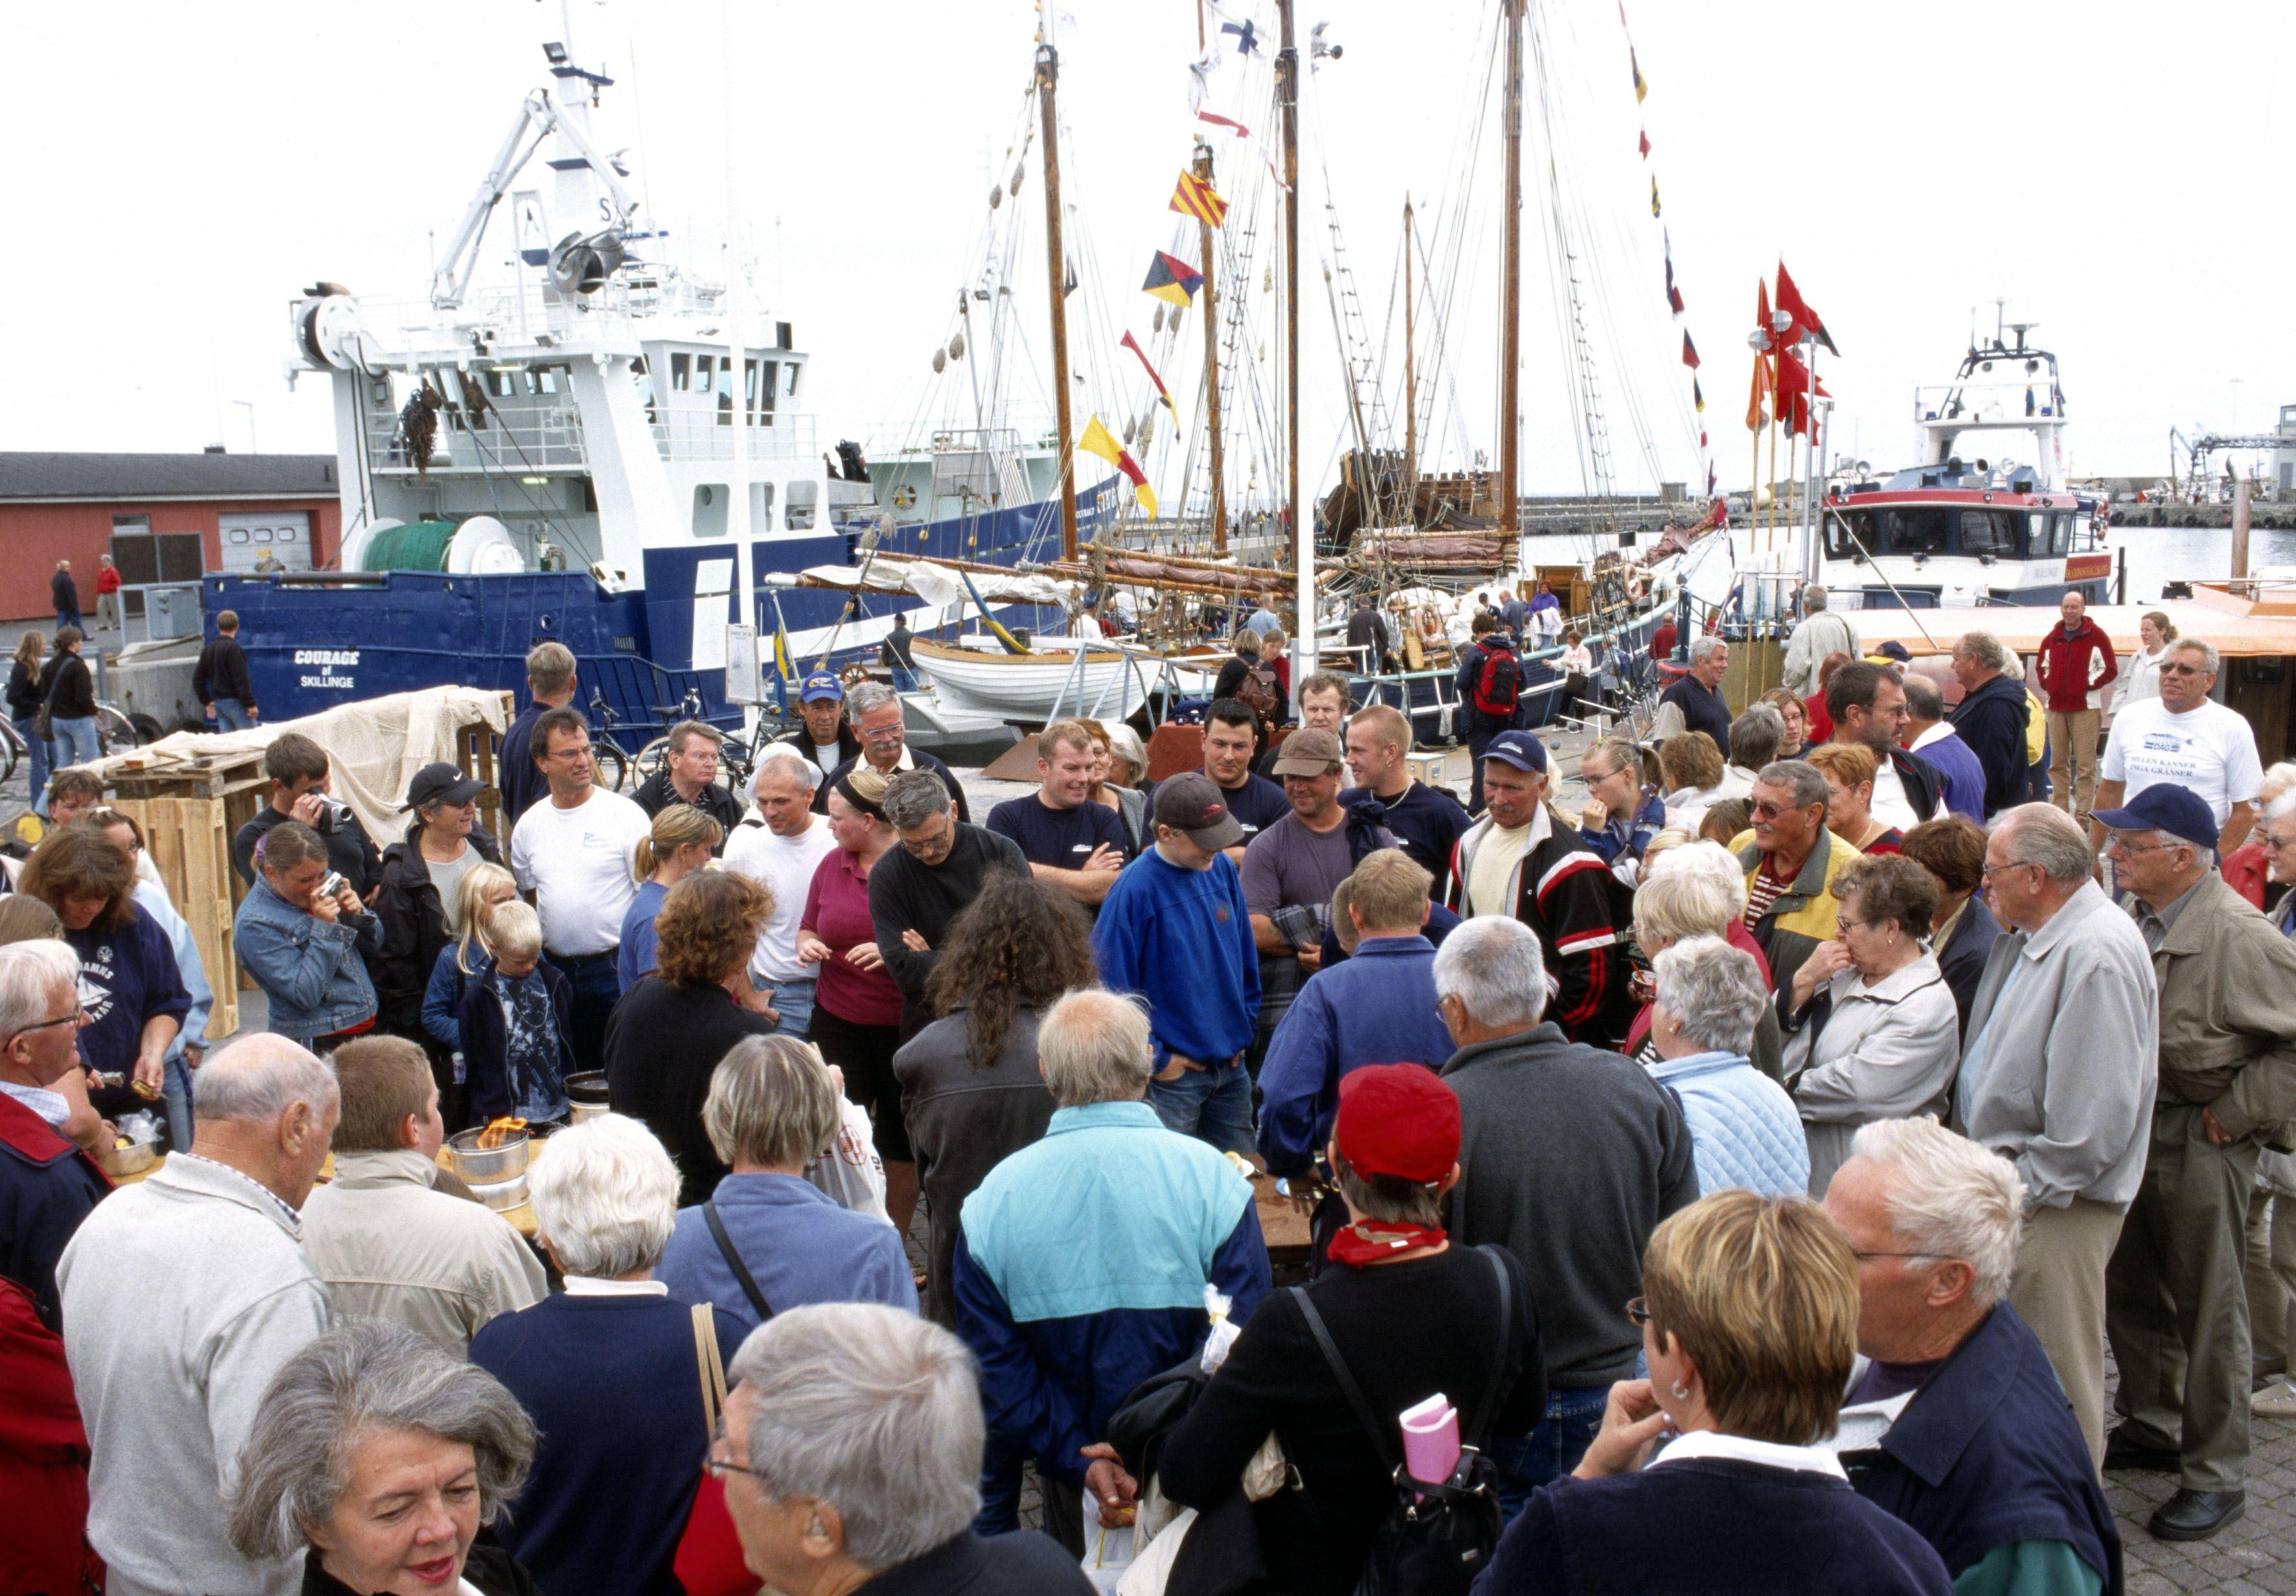 Vid hamnen och på sta´n - Sillens Dag, Simrishamn